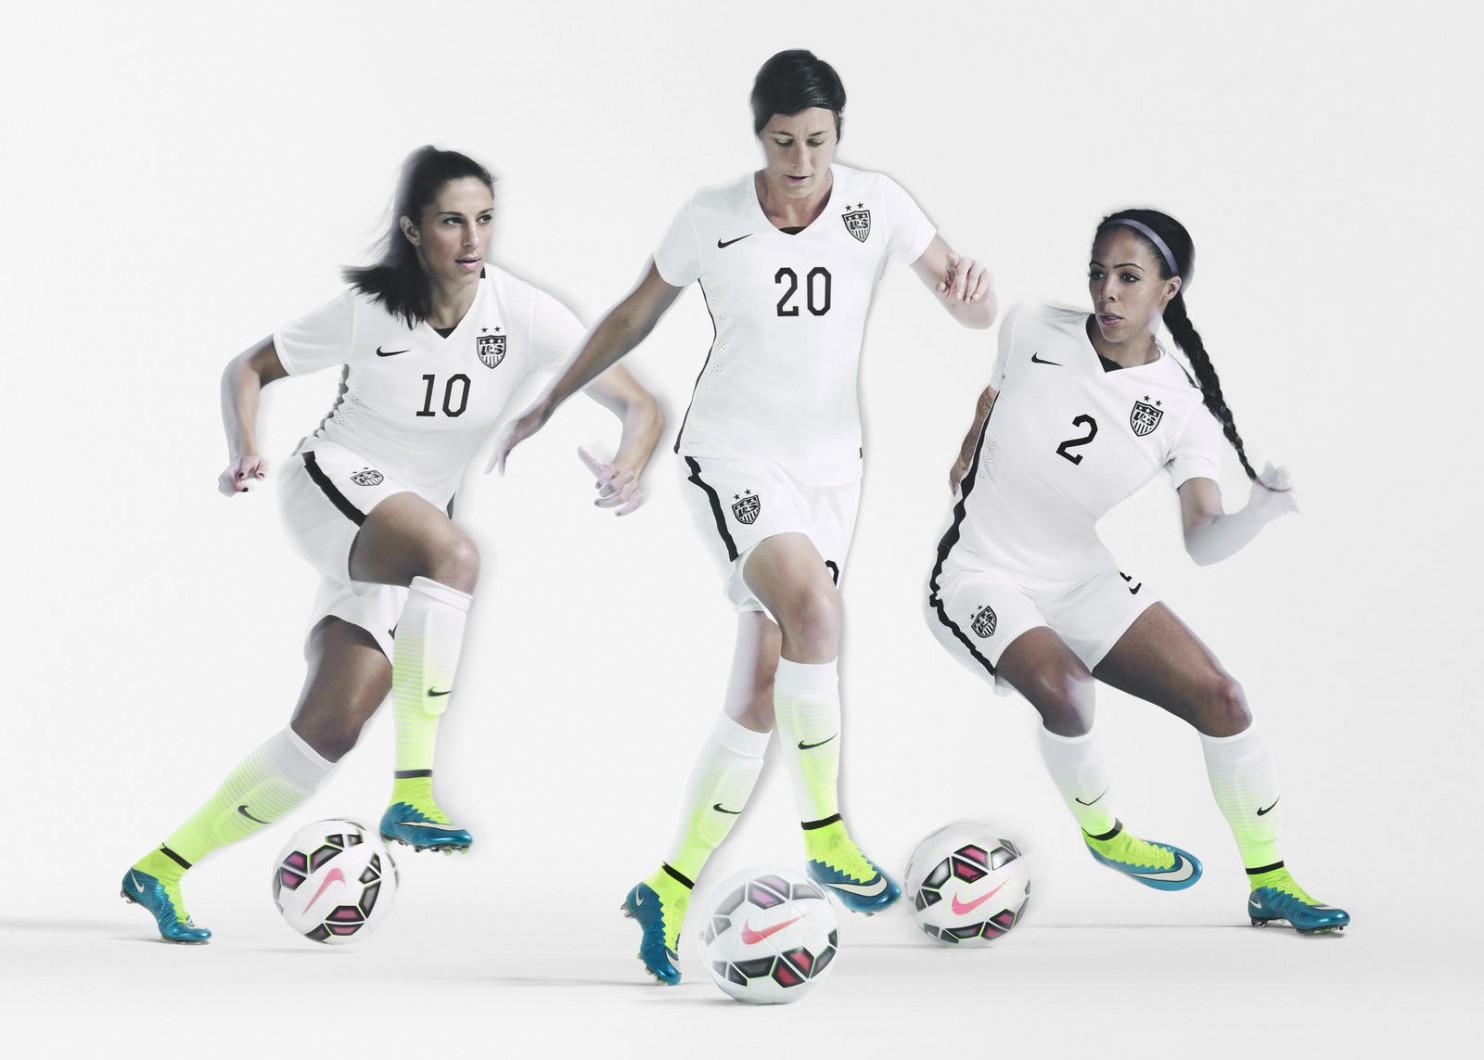 Nike 4 15